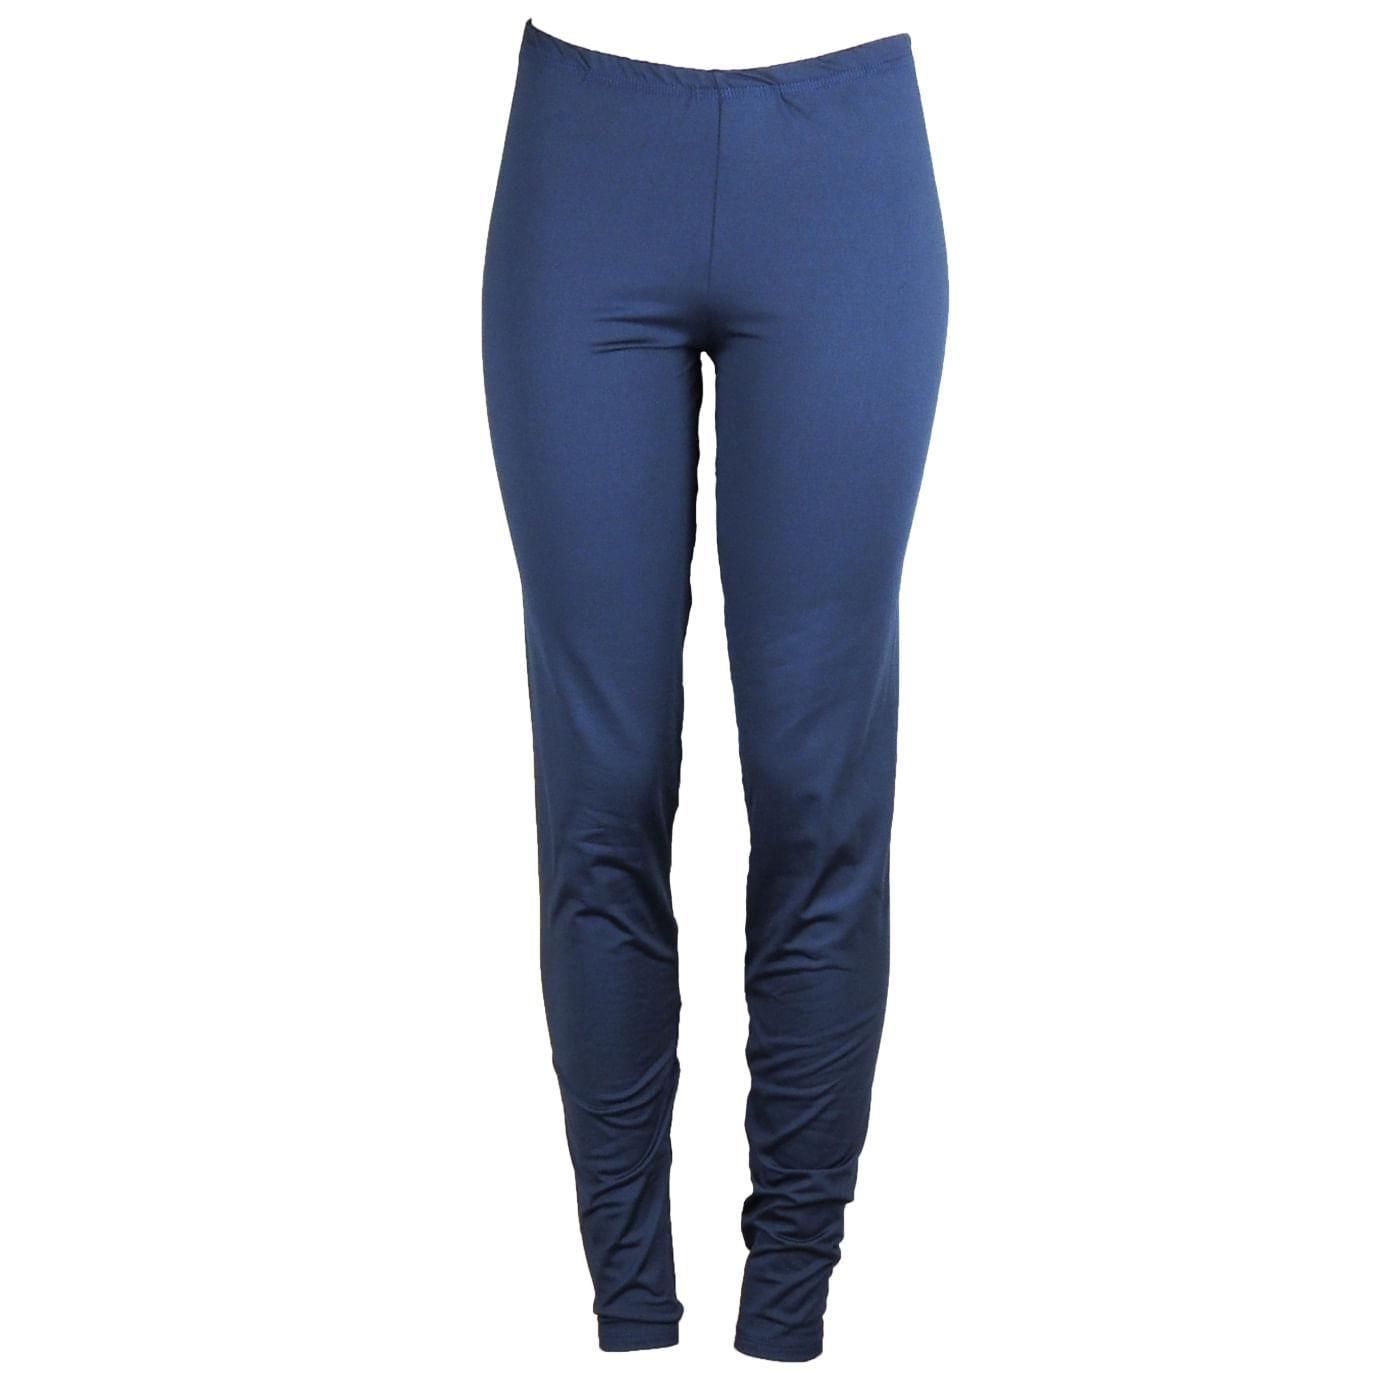 5fc0c78a4a Calça térmica feminina azul marinho para o inverno - fieroshop